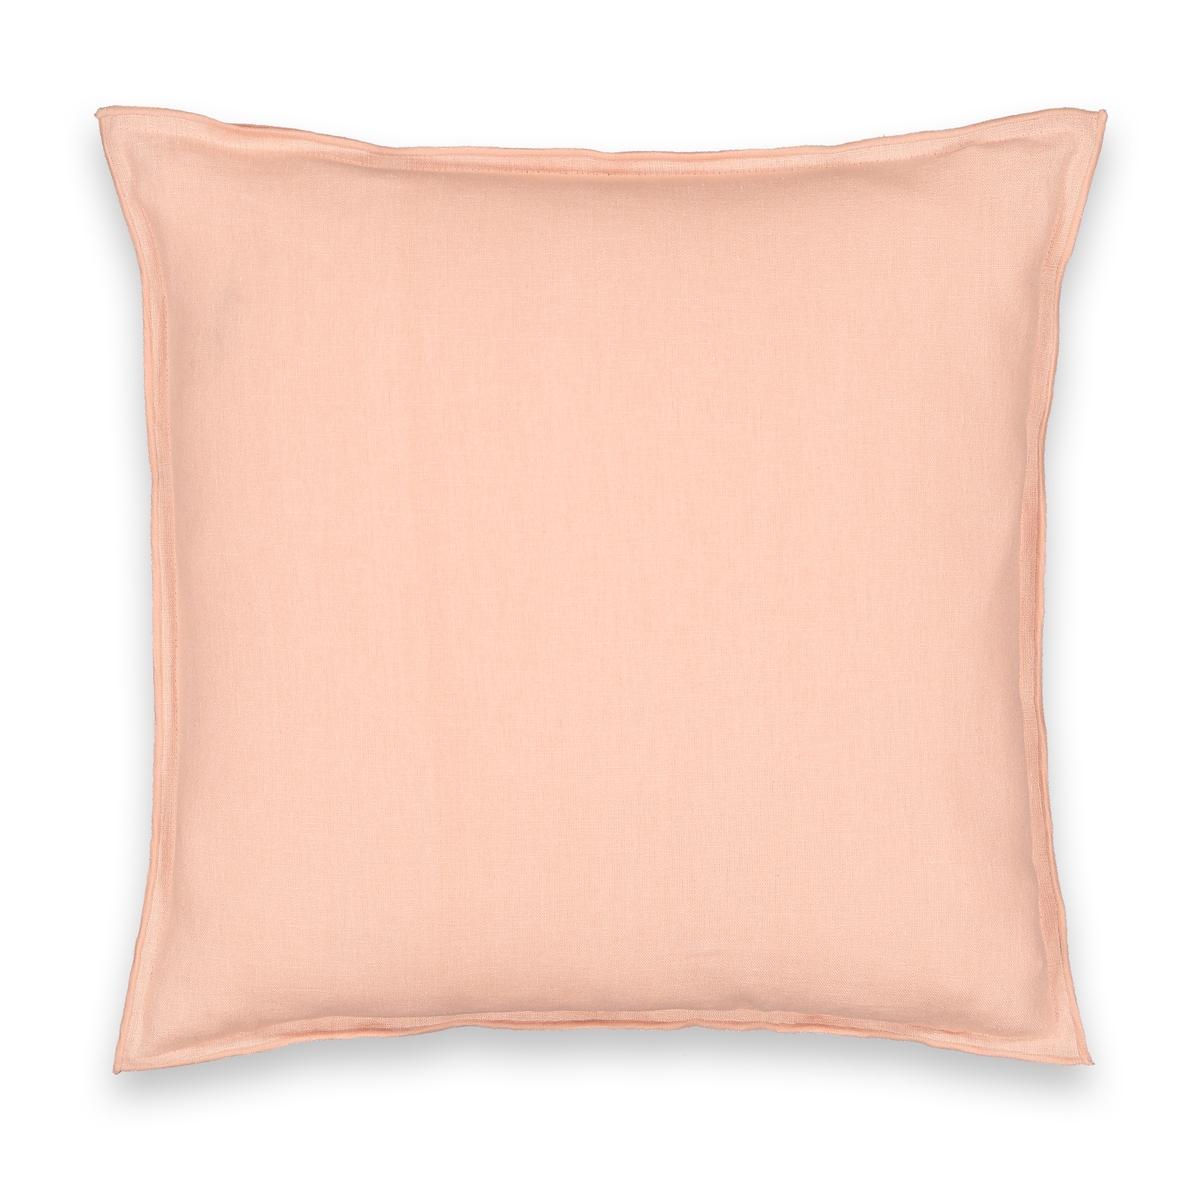 Чехол La Redoute На подушку двухцветный YSTAD 65 x 65 см розовый чехол la redoute для подушки или наволочка однотонного цвета с помпонами riad 65 x 65 см розовый